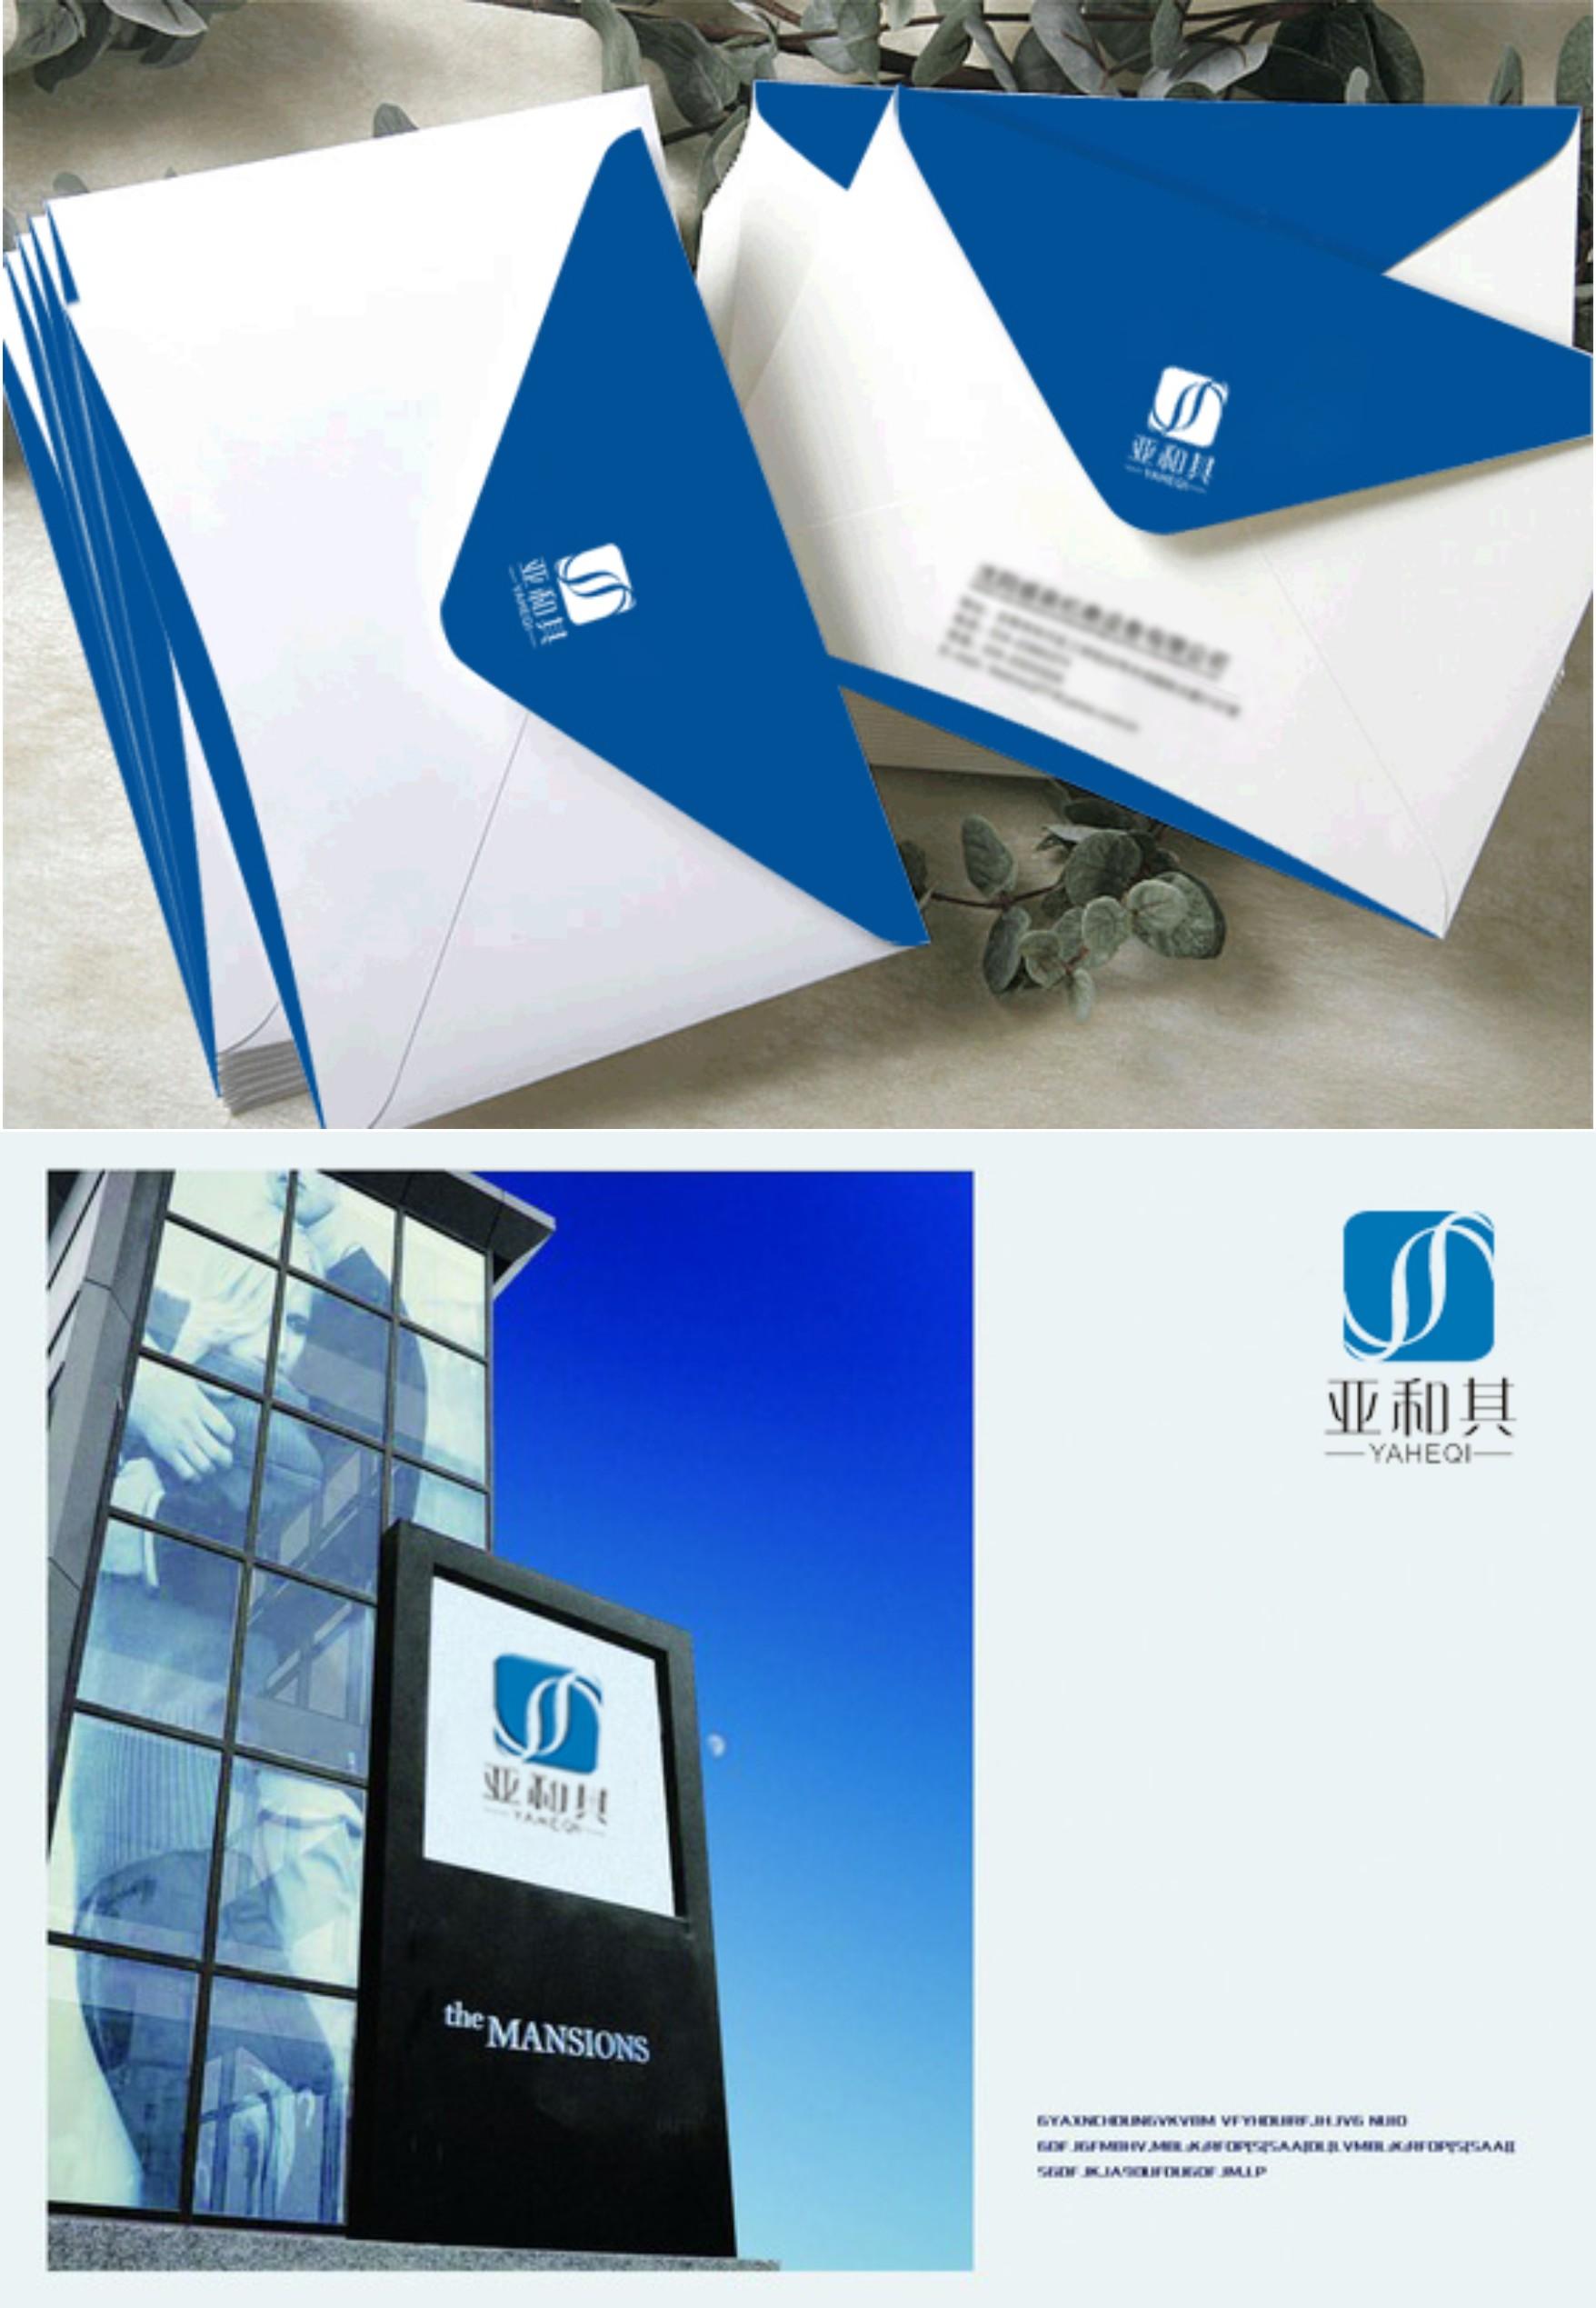 贸易公司商标及vi设计